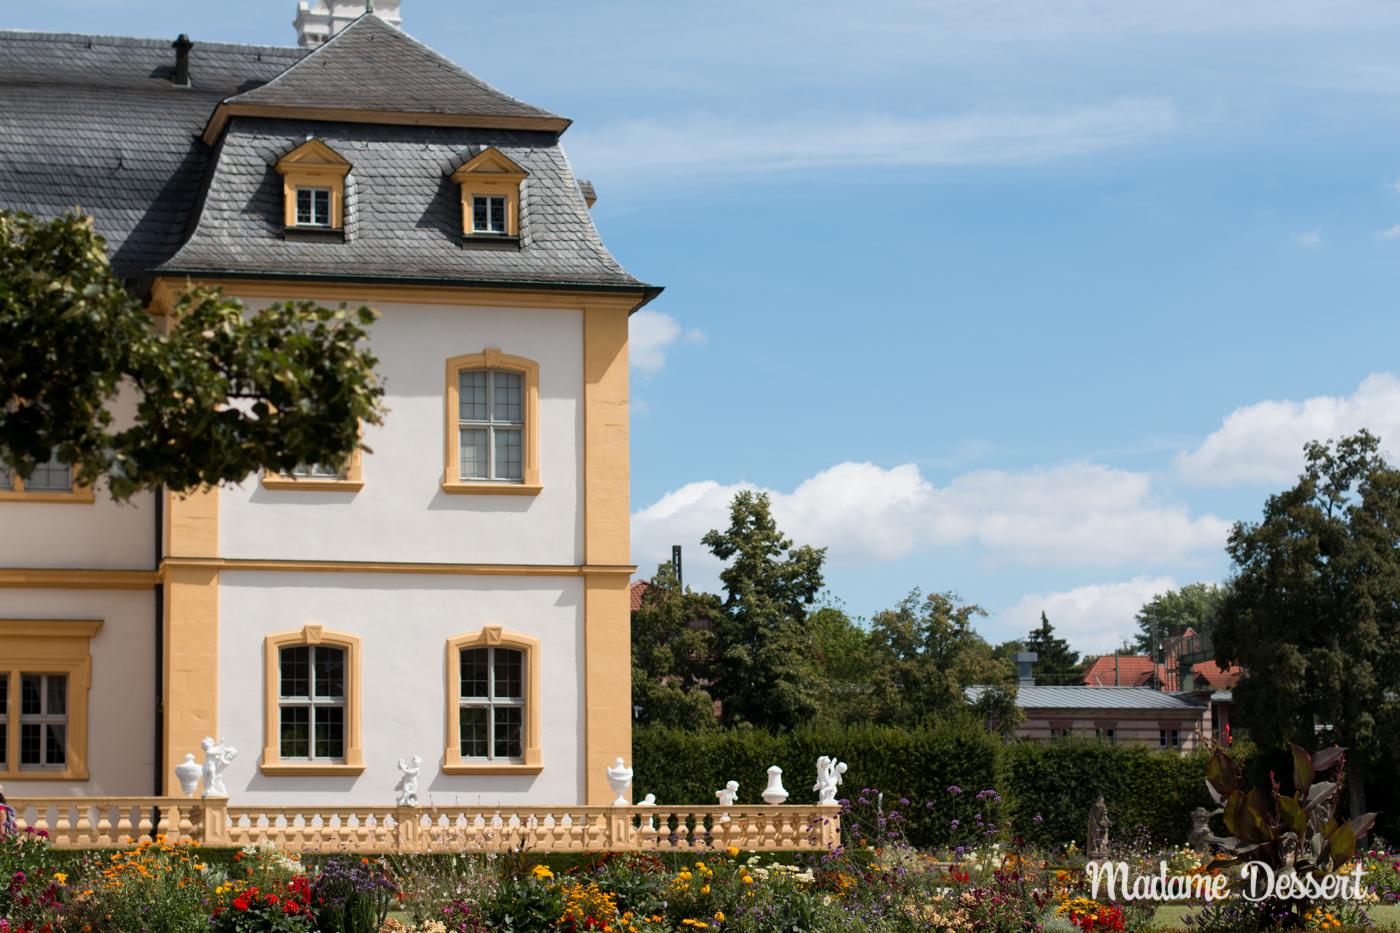 Küchengarten im Veitshöchheimer Hofgarten | Madame Dessert